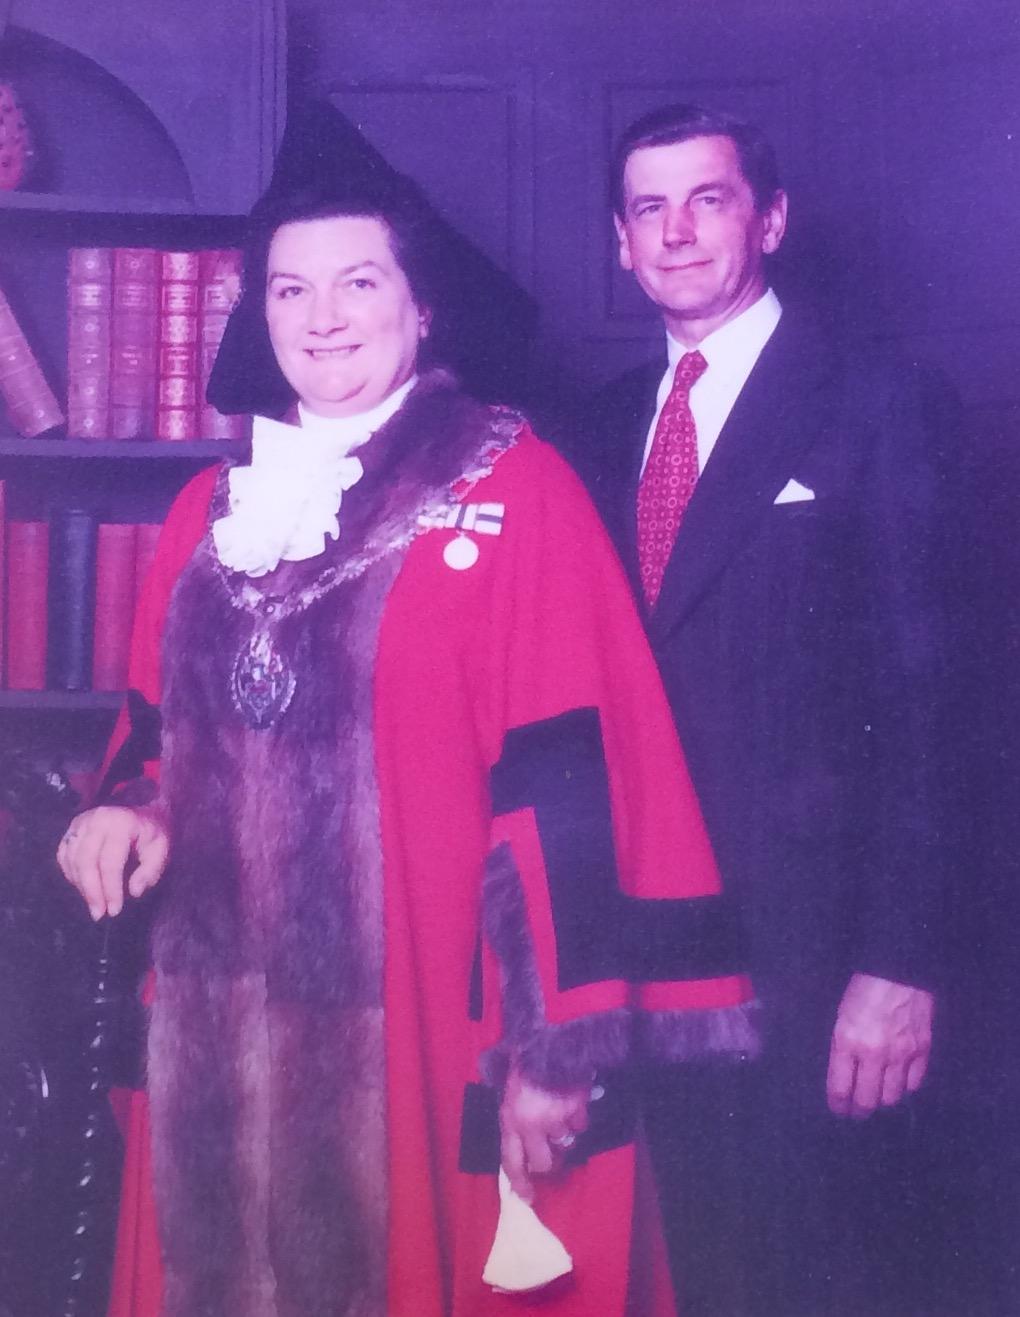 Mrs millican as Mayor of the High Peak